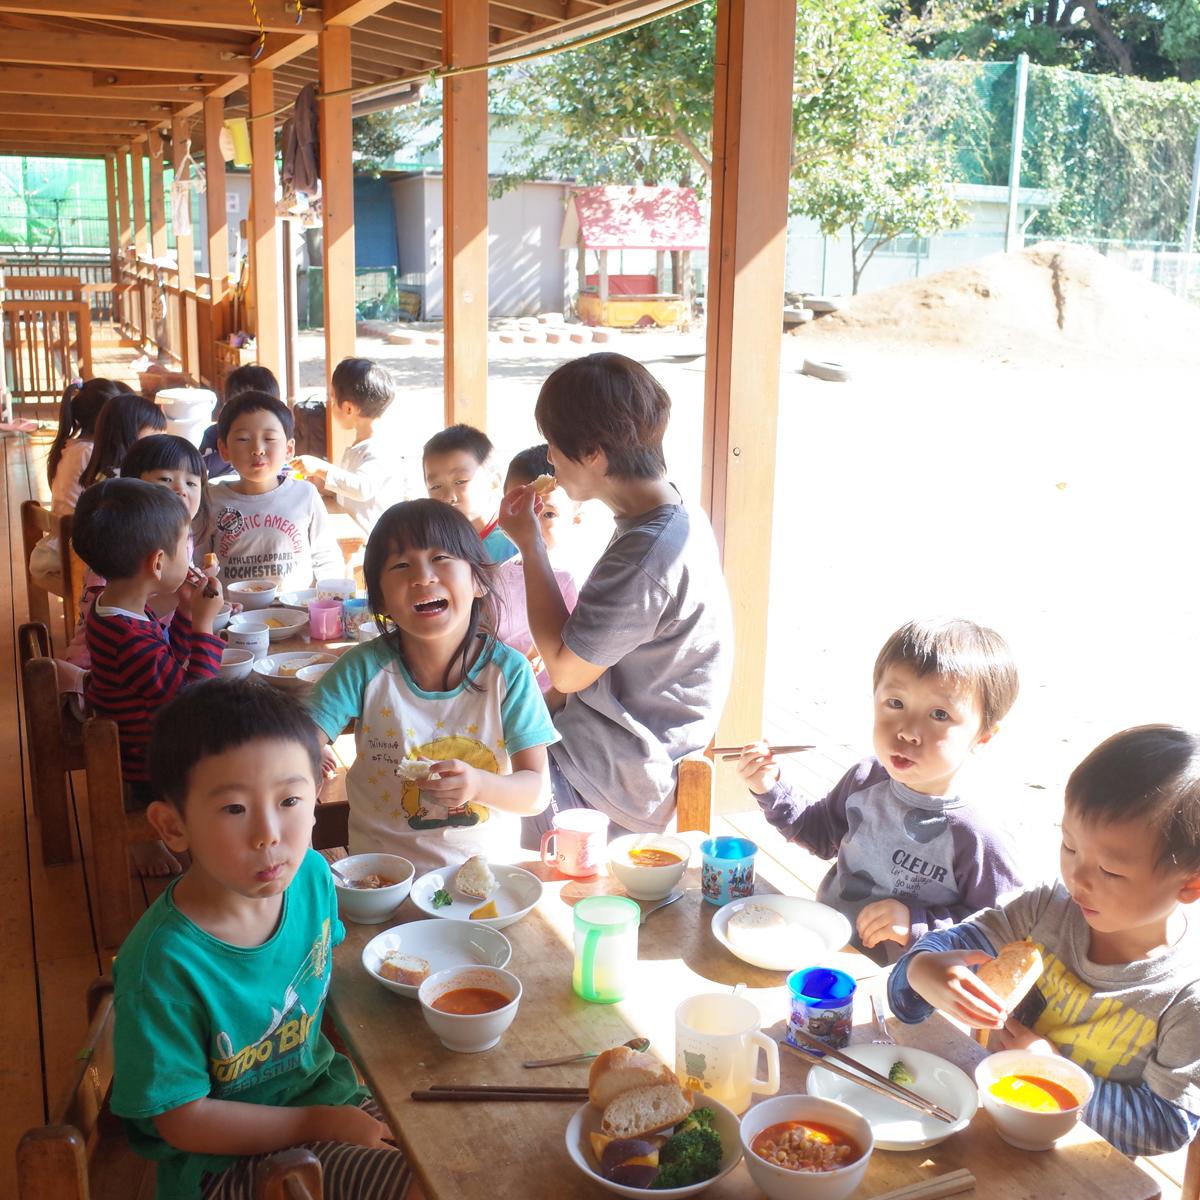 所沢市のあかね保育園のテラスでお昼ご飯を食べる画像